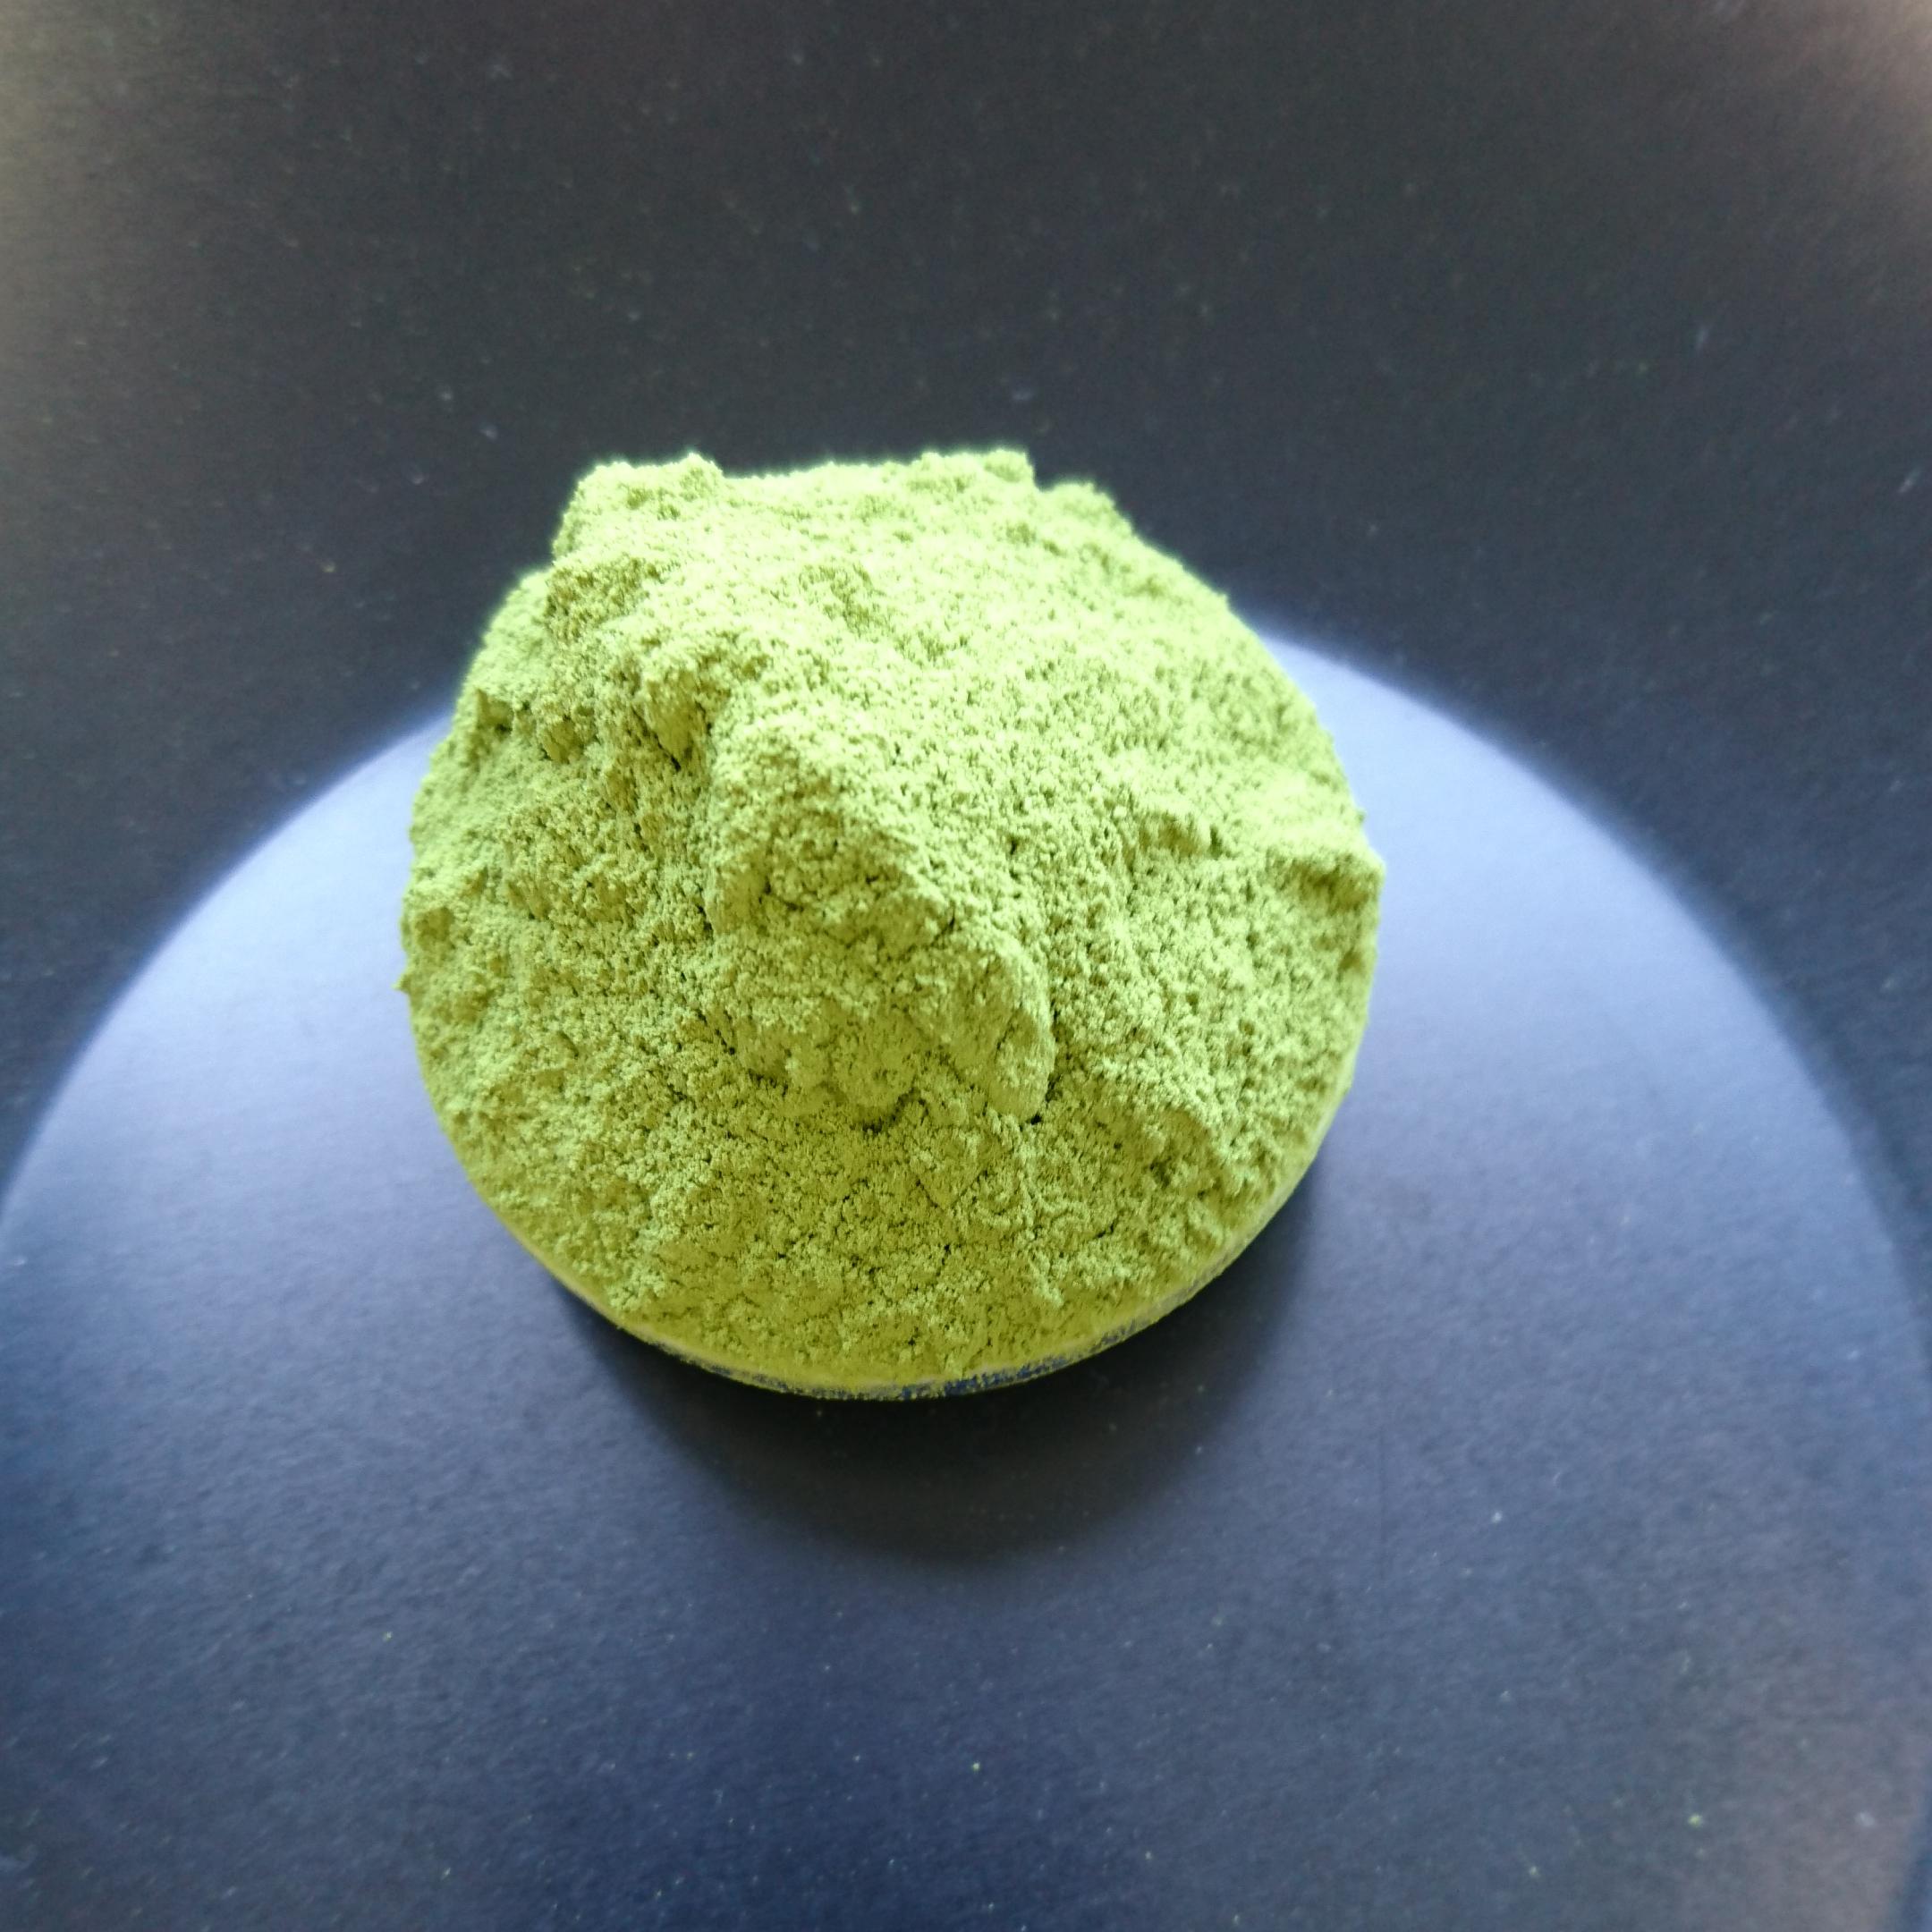 HIKAWA Japan best green tea brand instant tea